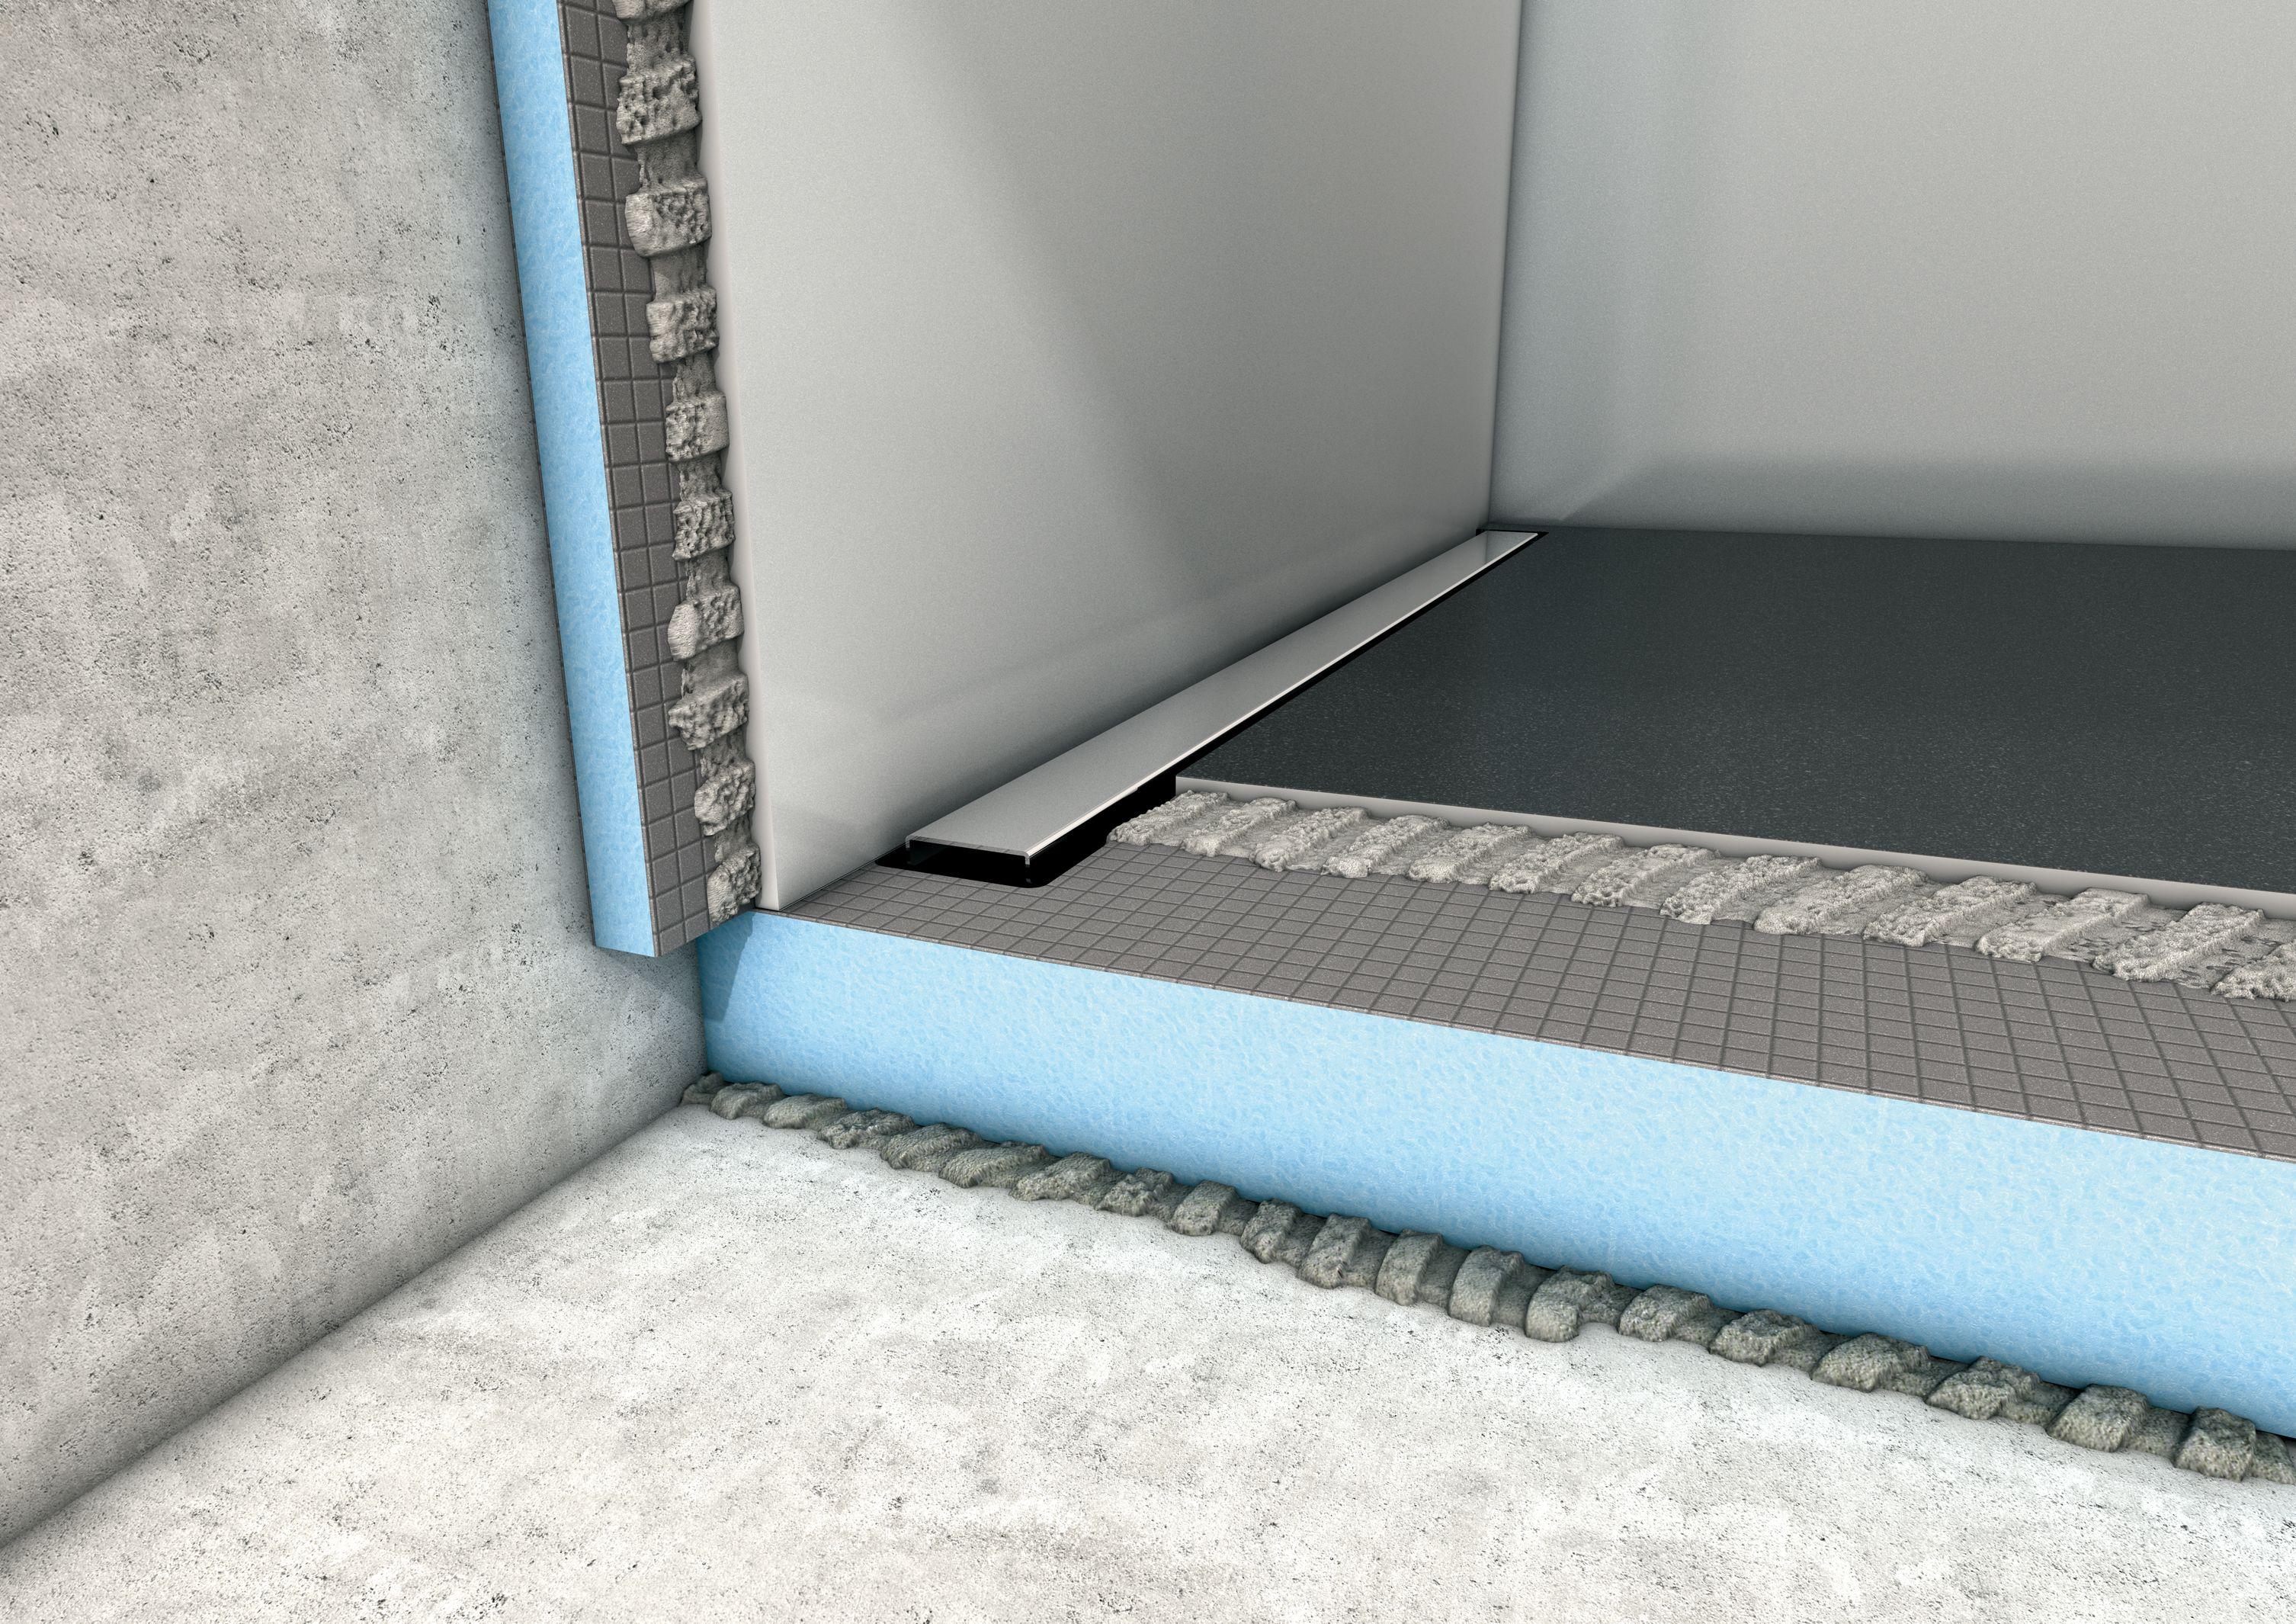 The Wedi 100 Waterproofed System With 10 Years Warranty Dusche Einbauen Dusche Ebenerdige Dusche